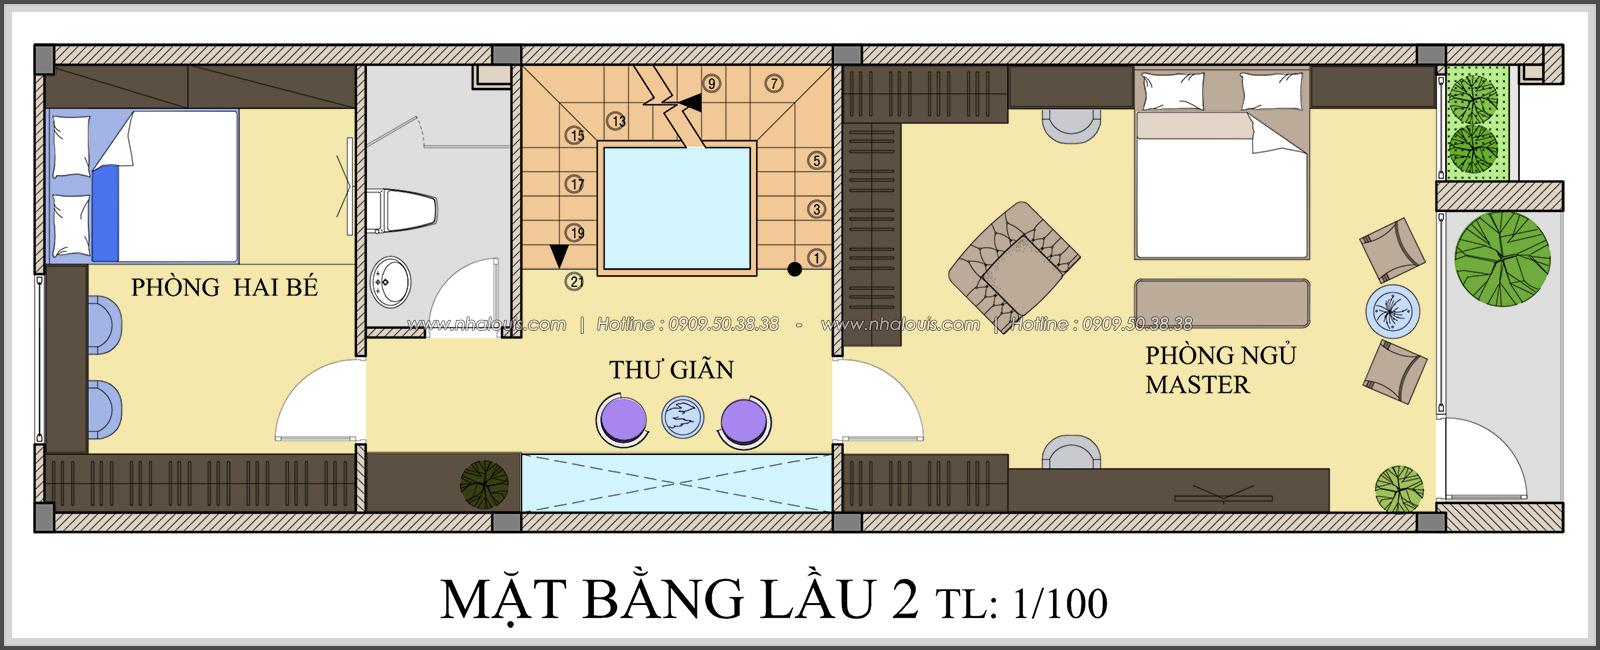 Mặt bằng lầu 2 thiết kế nhà ống mặt tiền 5m của chị Linh quận 6 - 23